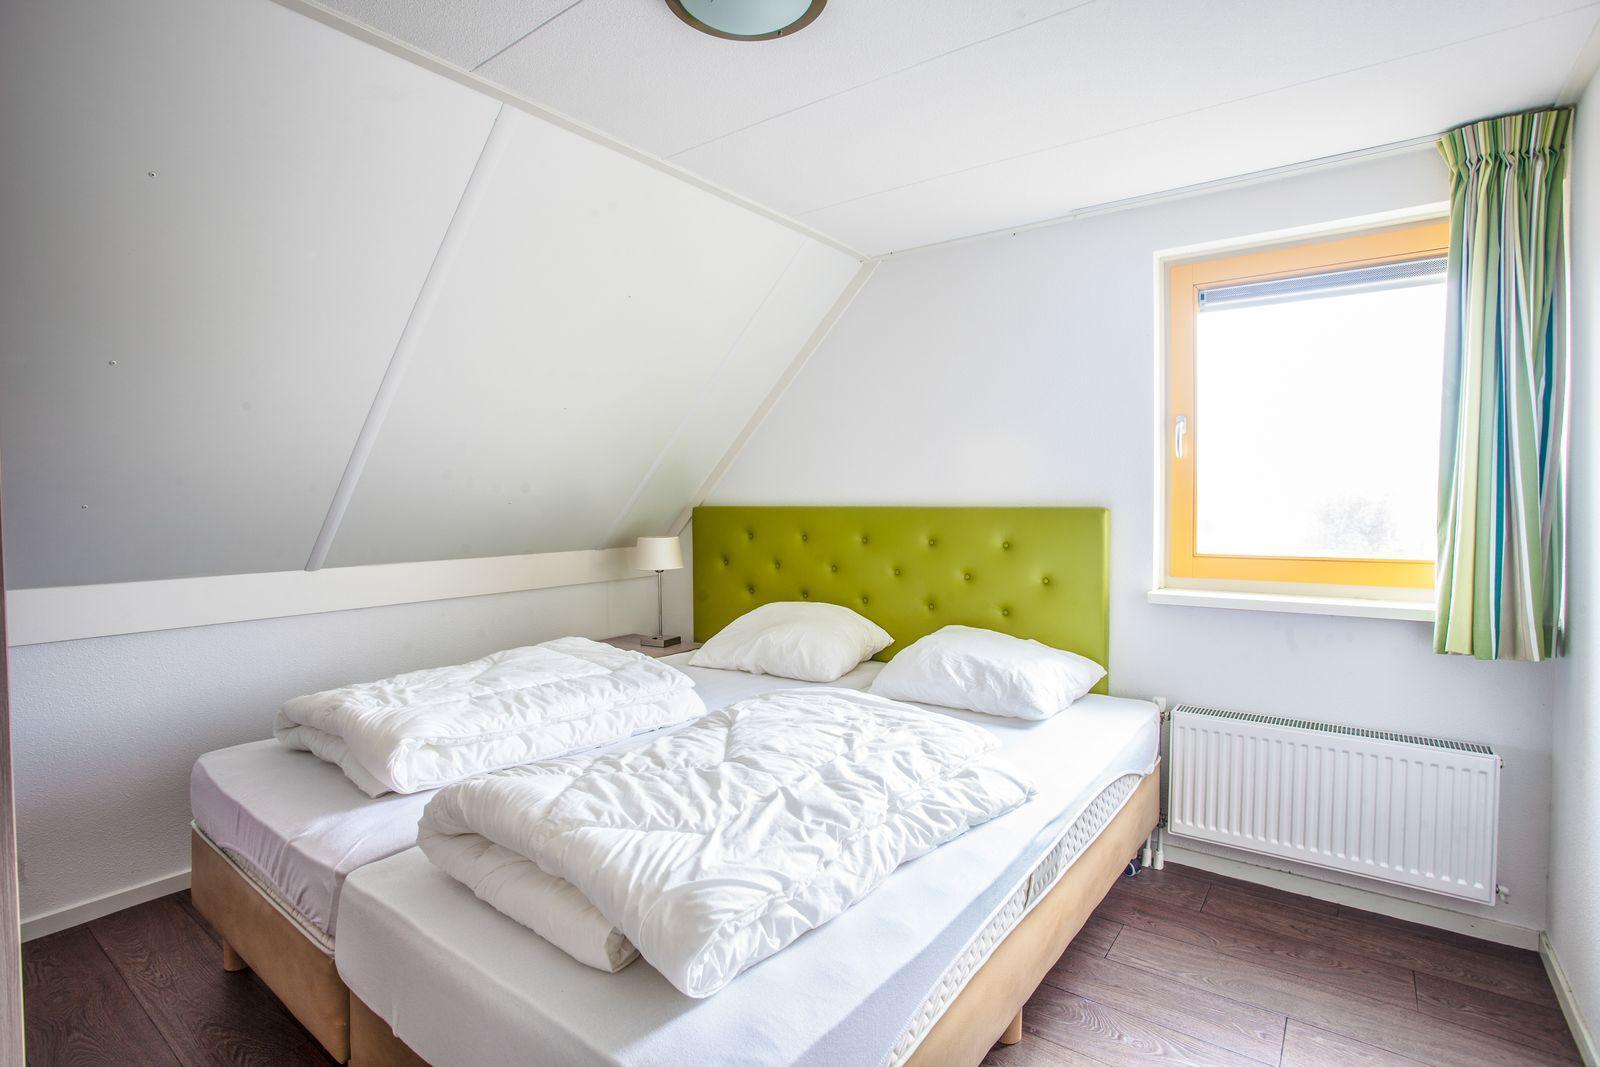 Sauna bungalow 6-personen in Noord-Holland | Bungalowpark Zuiderzee